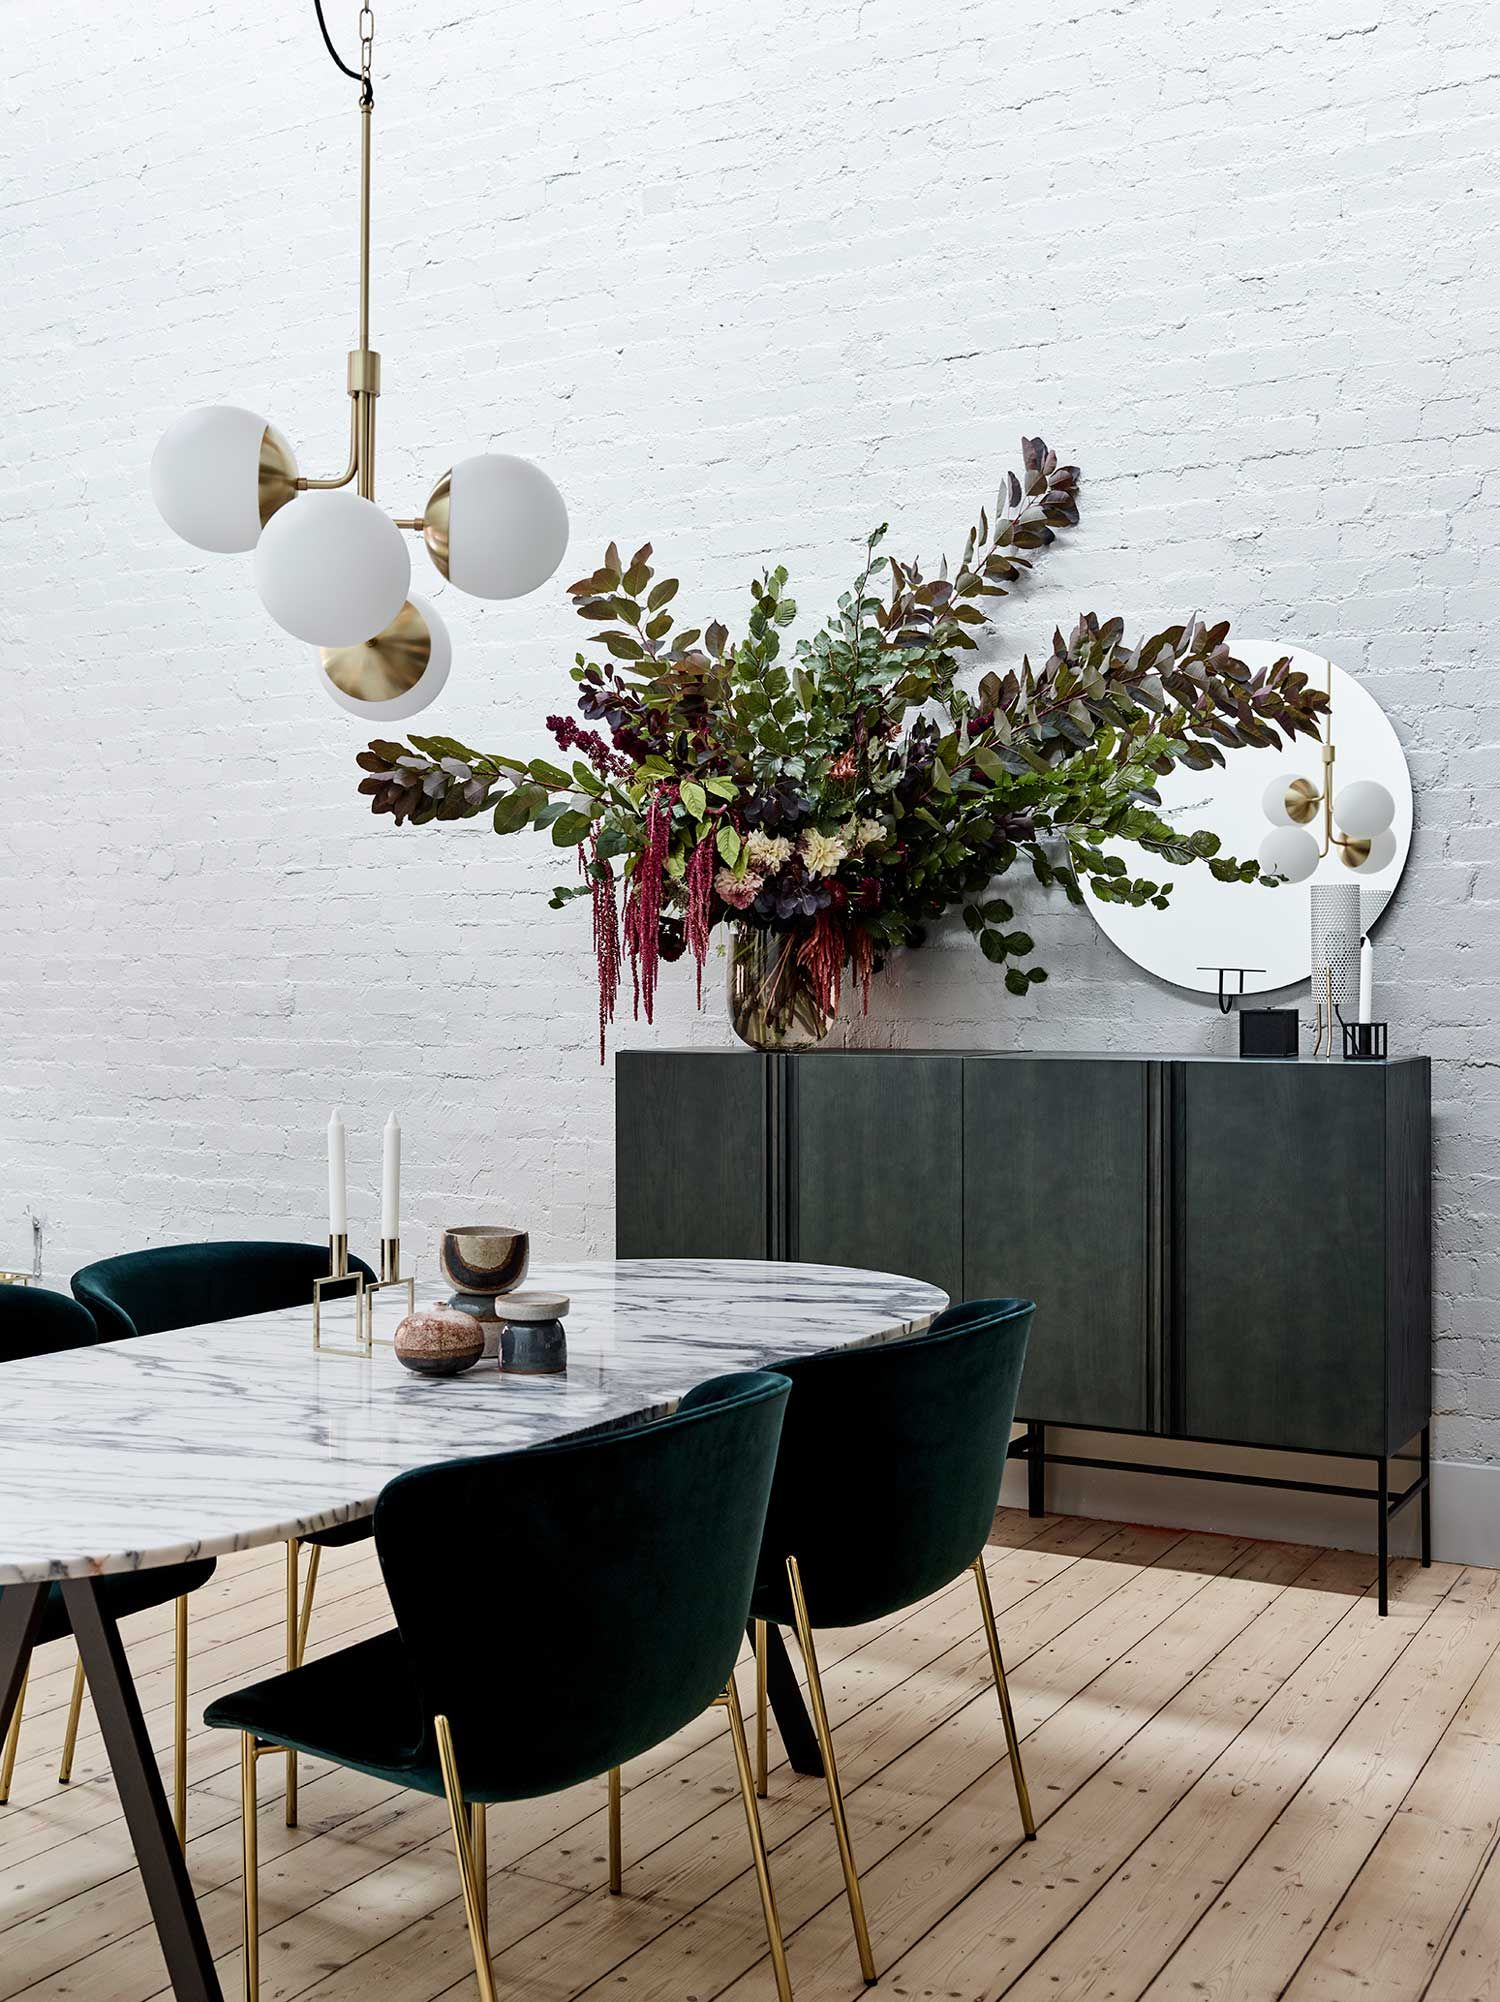 Osez L Art De La Table fred international unvelis new melbourne showroom | idée